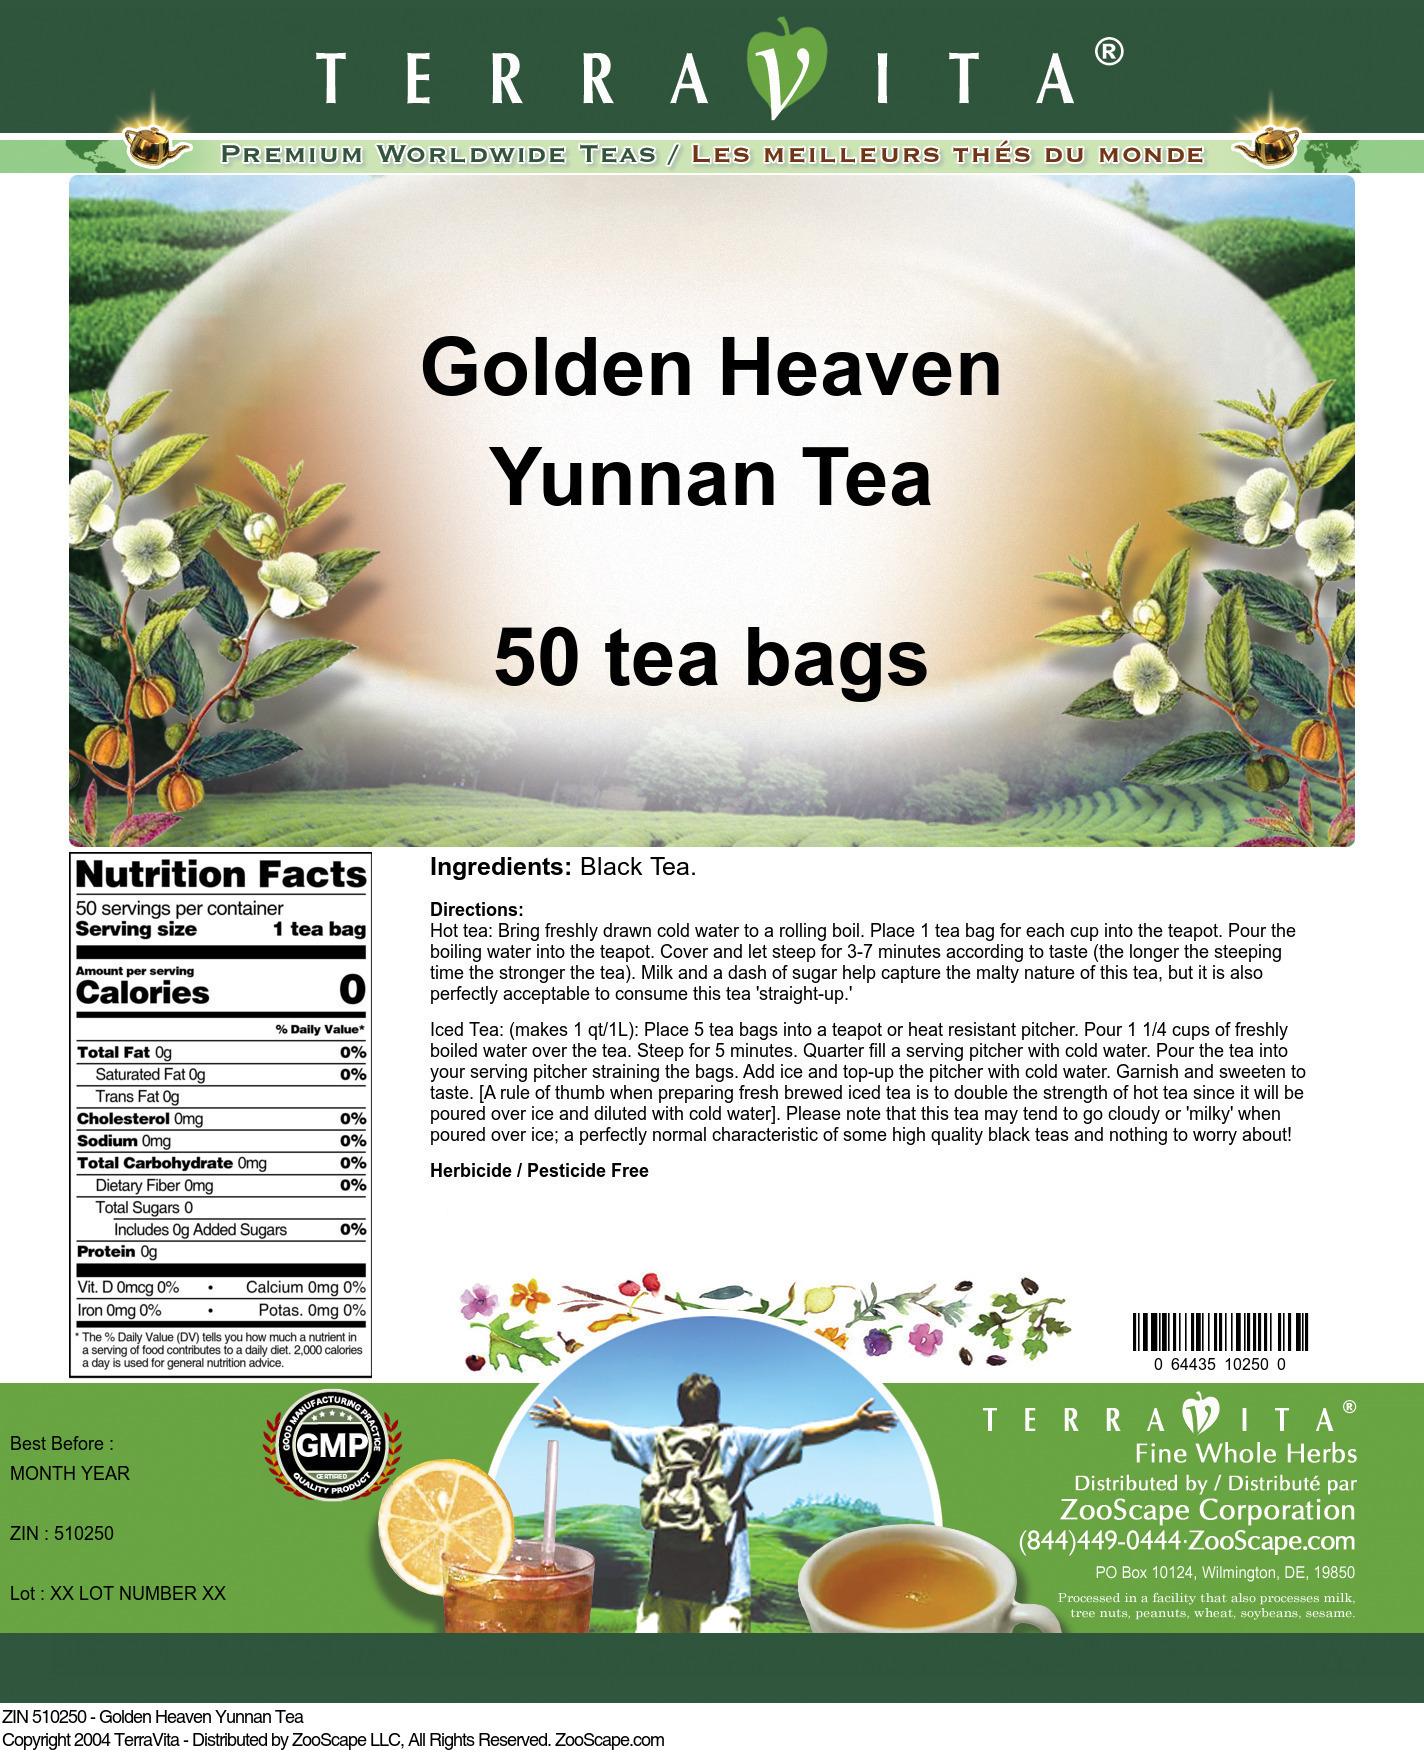 Golden Heaven Yunnan